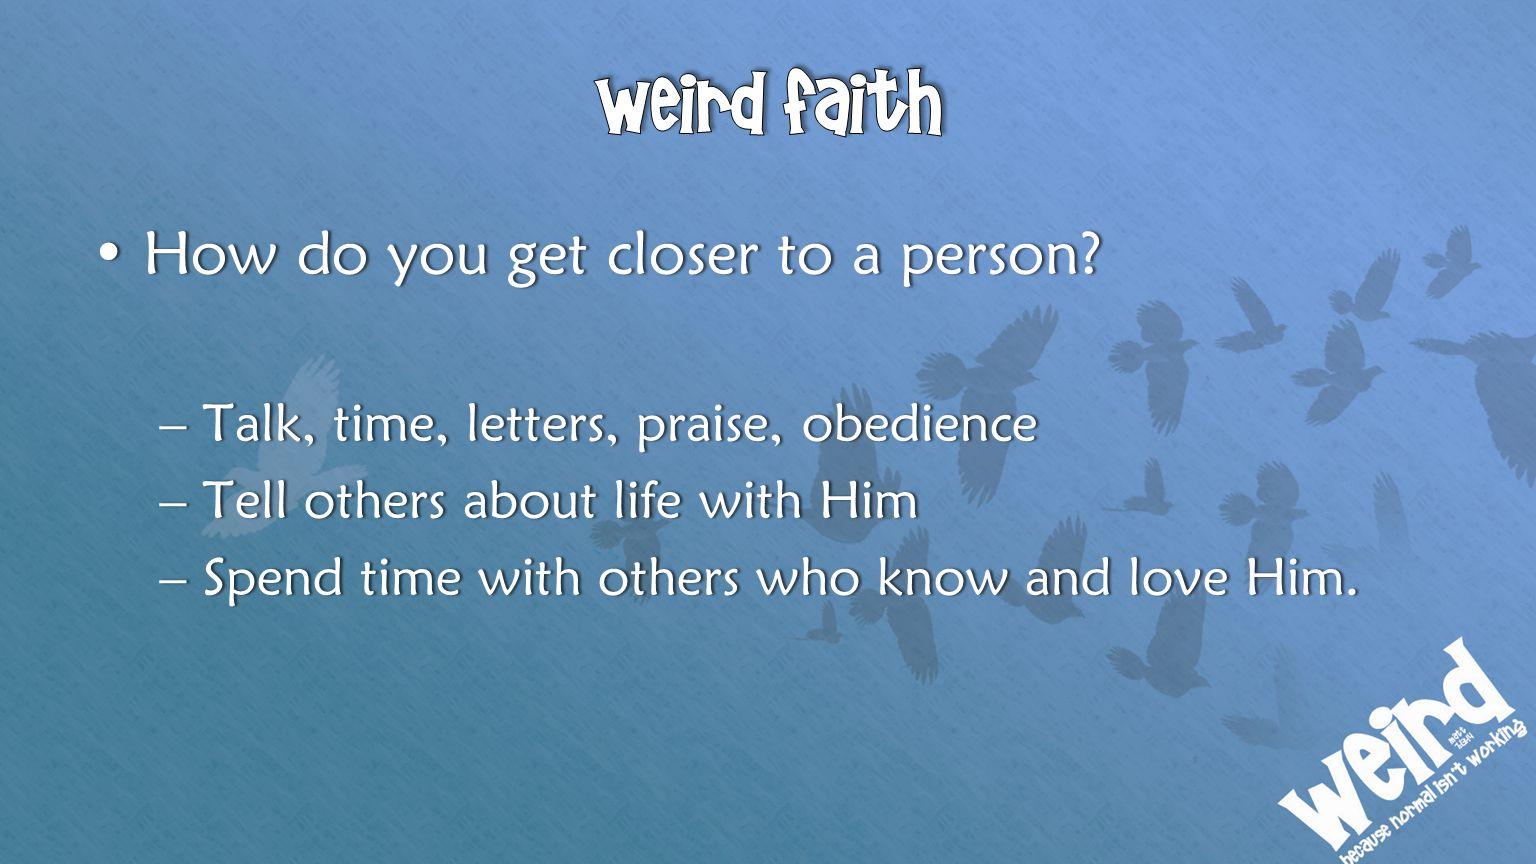 How do you get closer to a person?How do you get closer to a person? –Talk, time, letters, praise, obedience–Talk, time, letters, praise, obedience –T